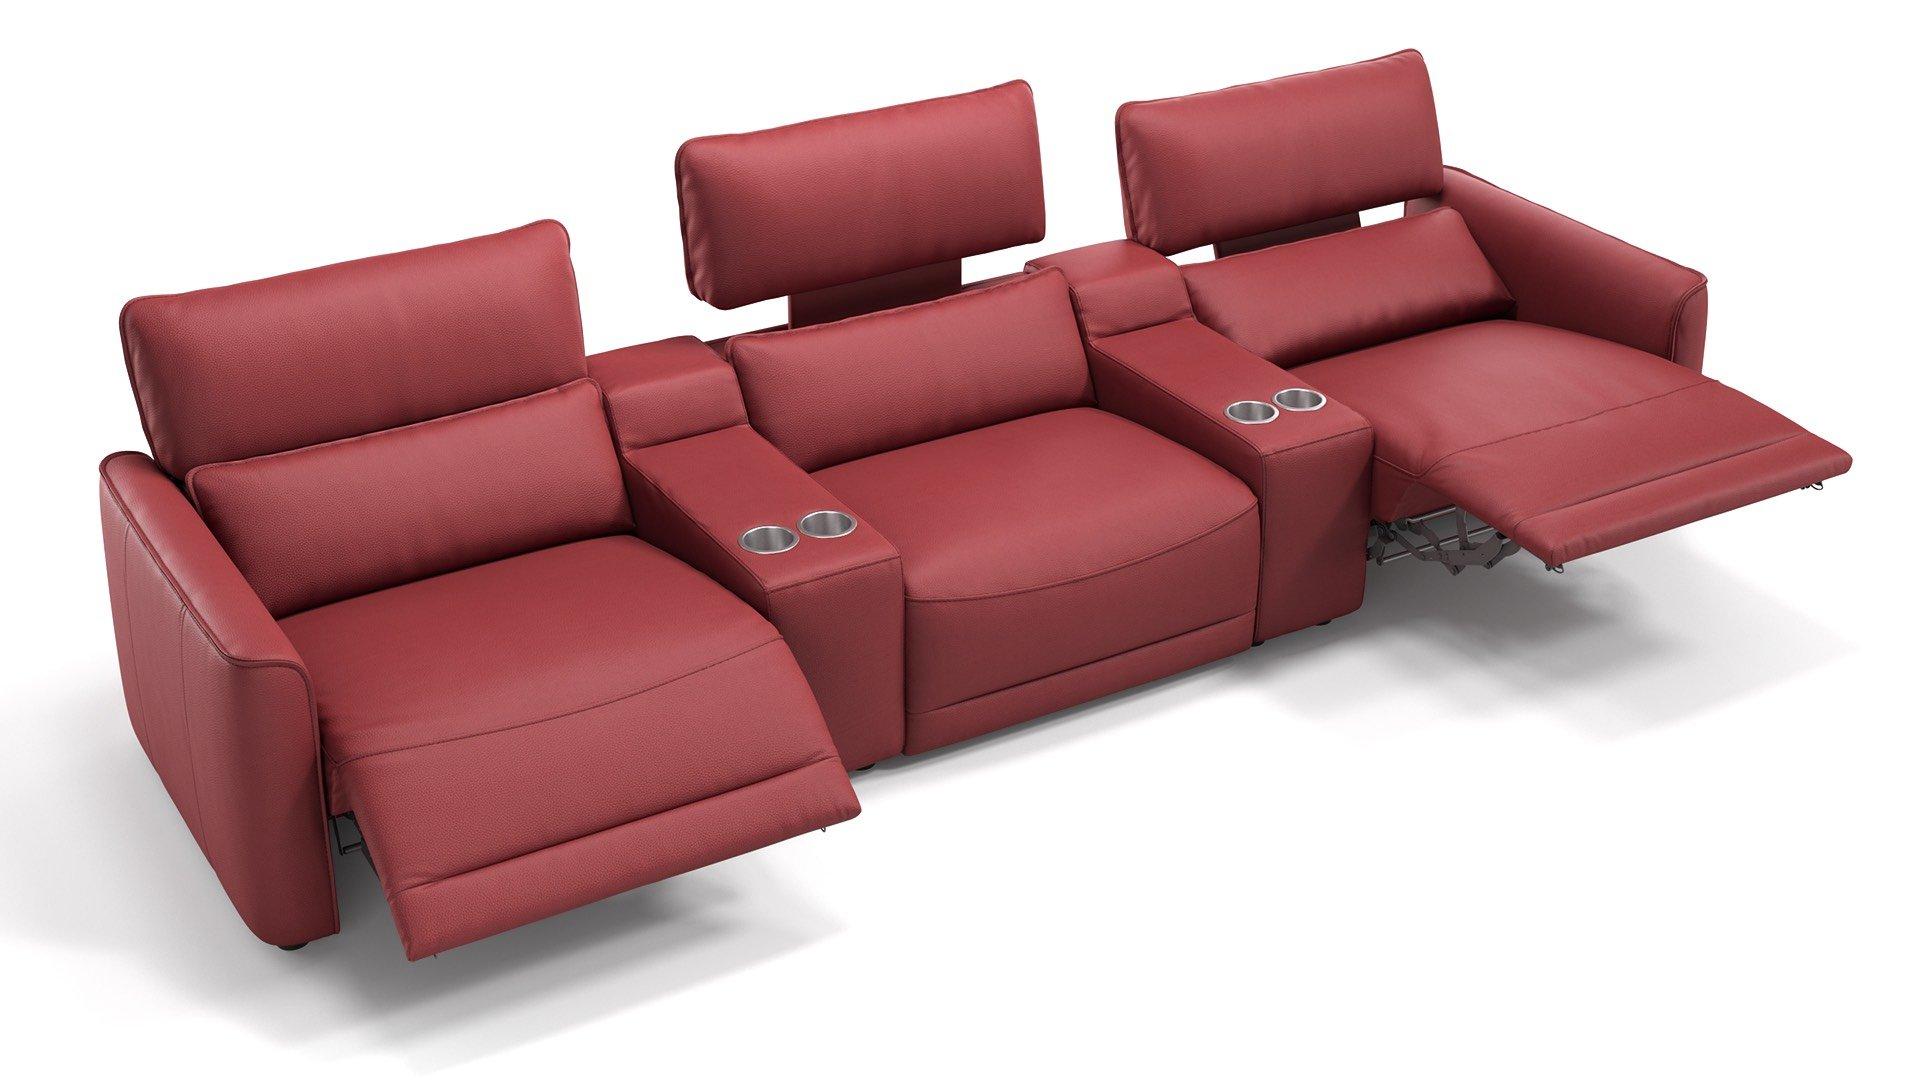 Leder 3-Sitzer Kinosofa mit zwei Mittelkonsolen GALA